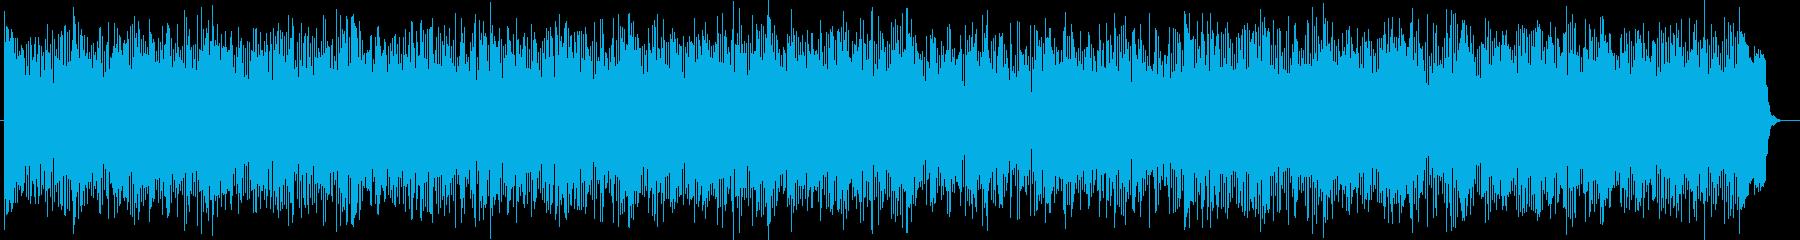 ミステリアスなシンセ・ドラムサウンドの再生済みの波形